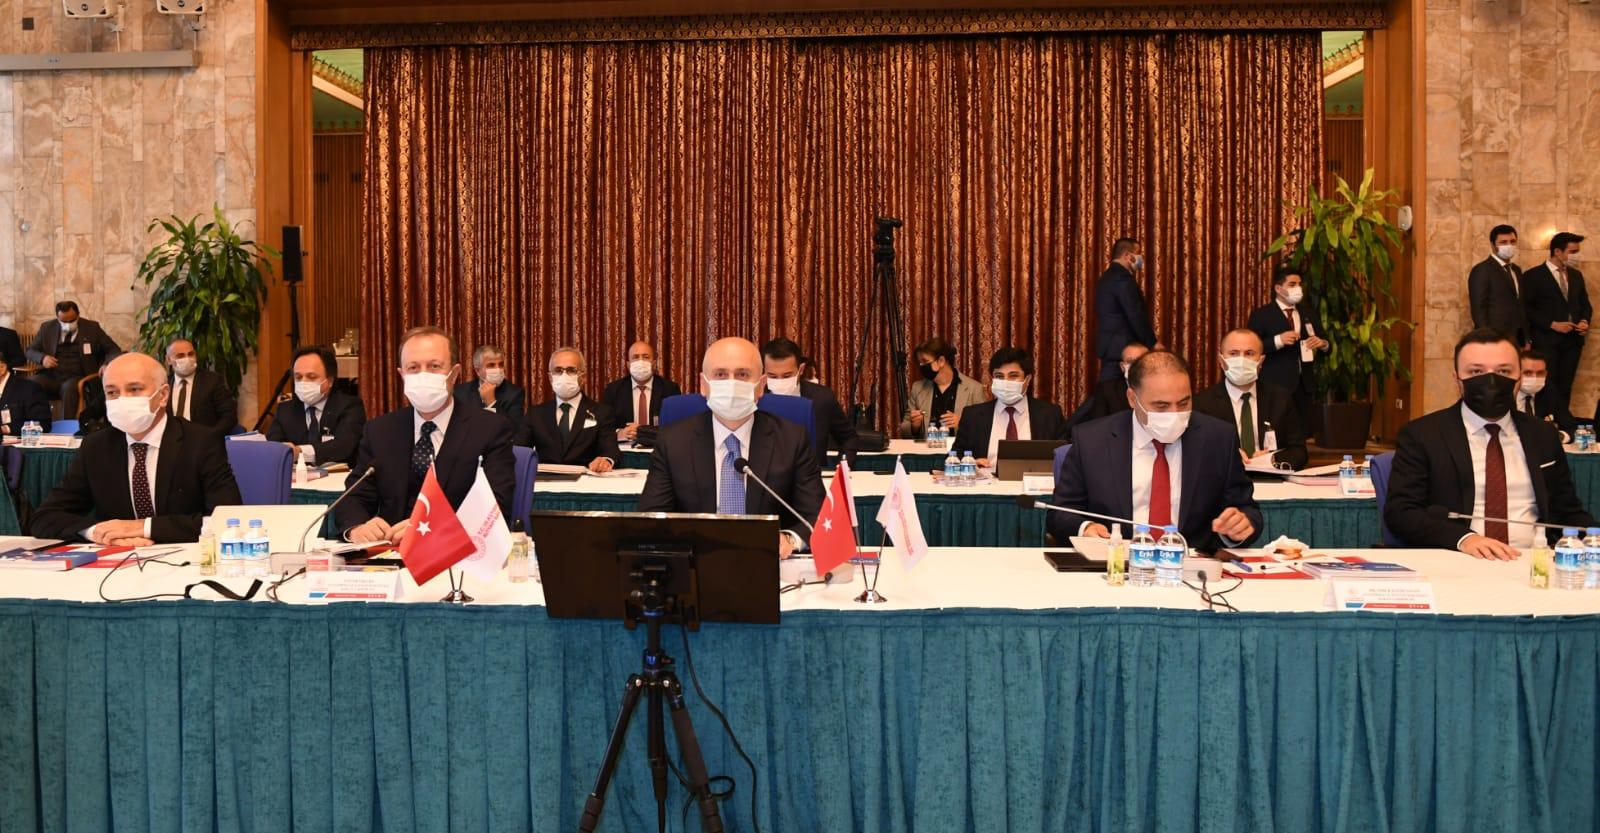 Ulaştırma ve Altyapı Bakanı Adil Karaismailoğlu, TBMM Plan ve Bütçe Komisyonu'nda sunum yaptı